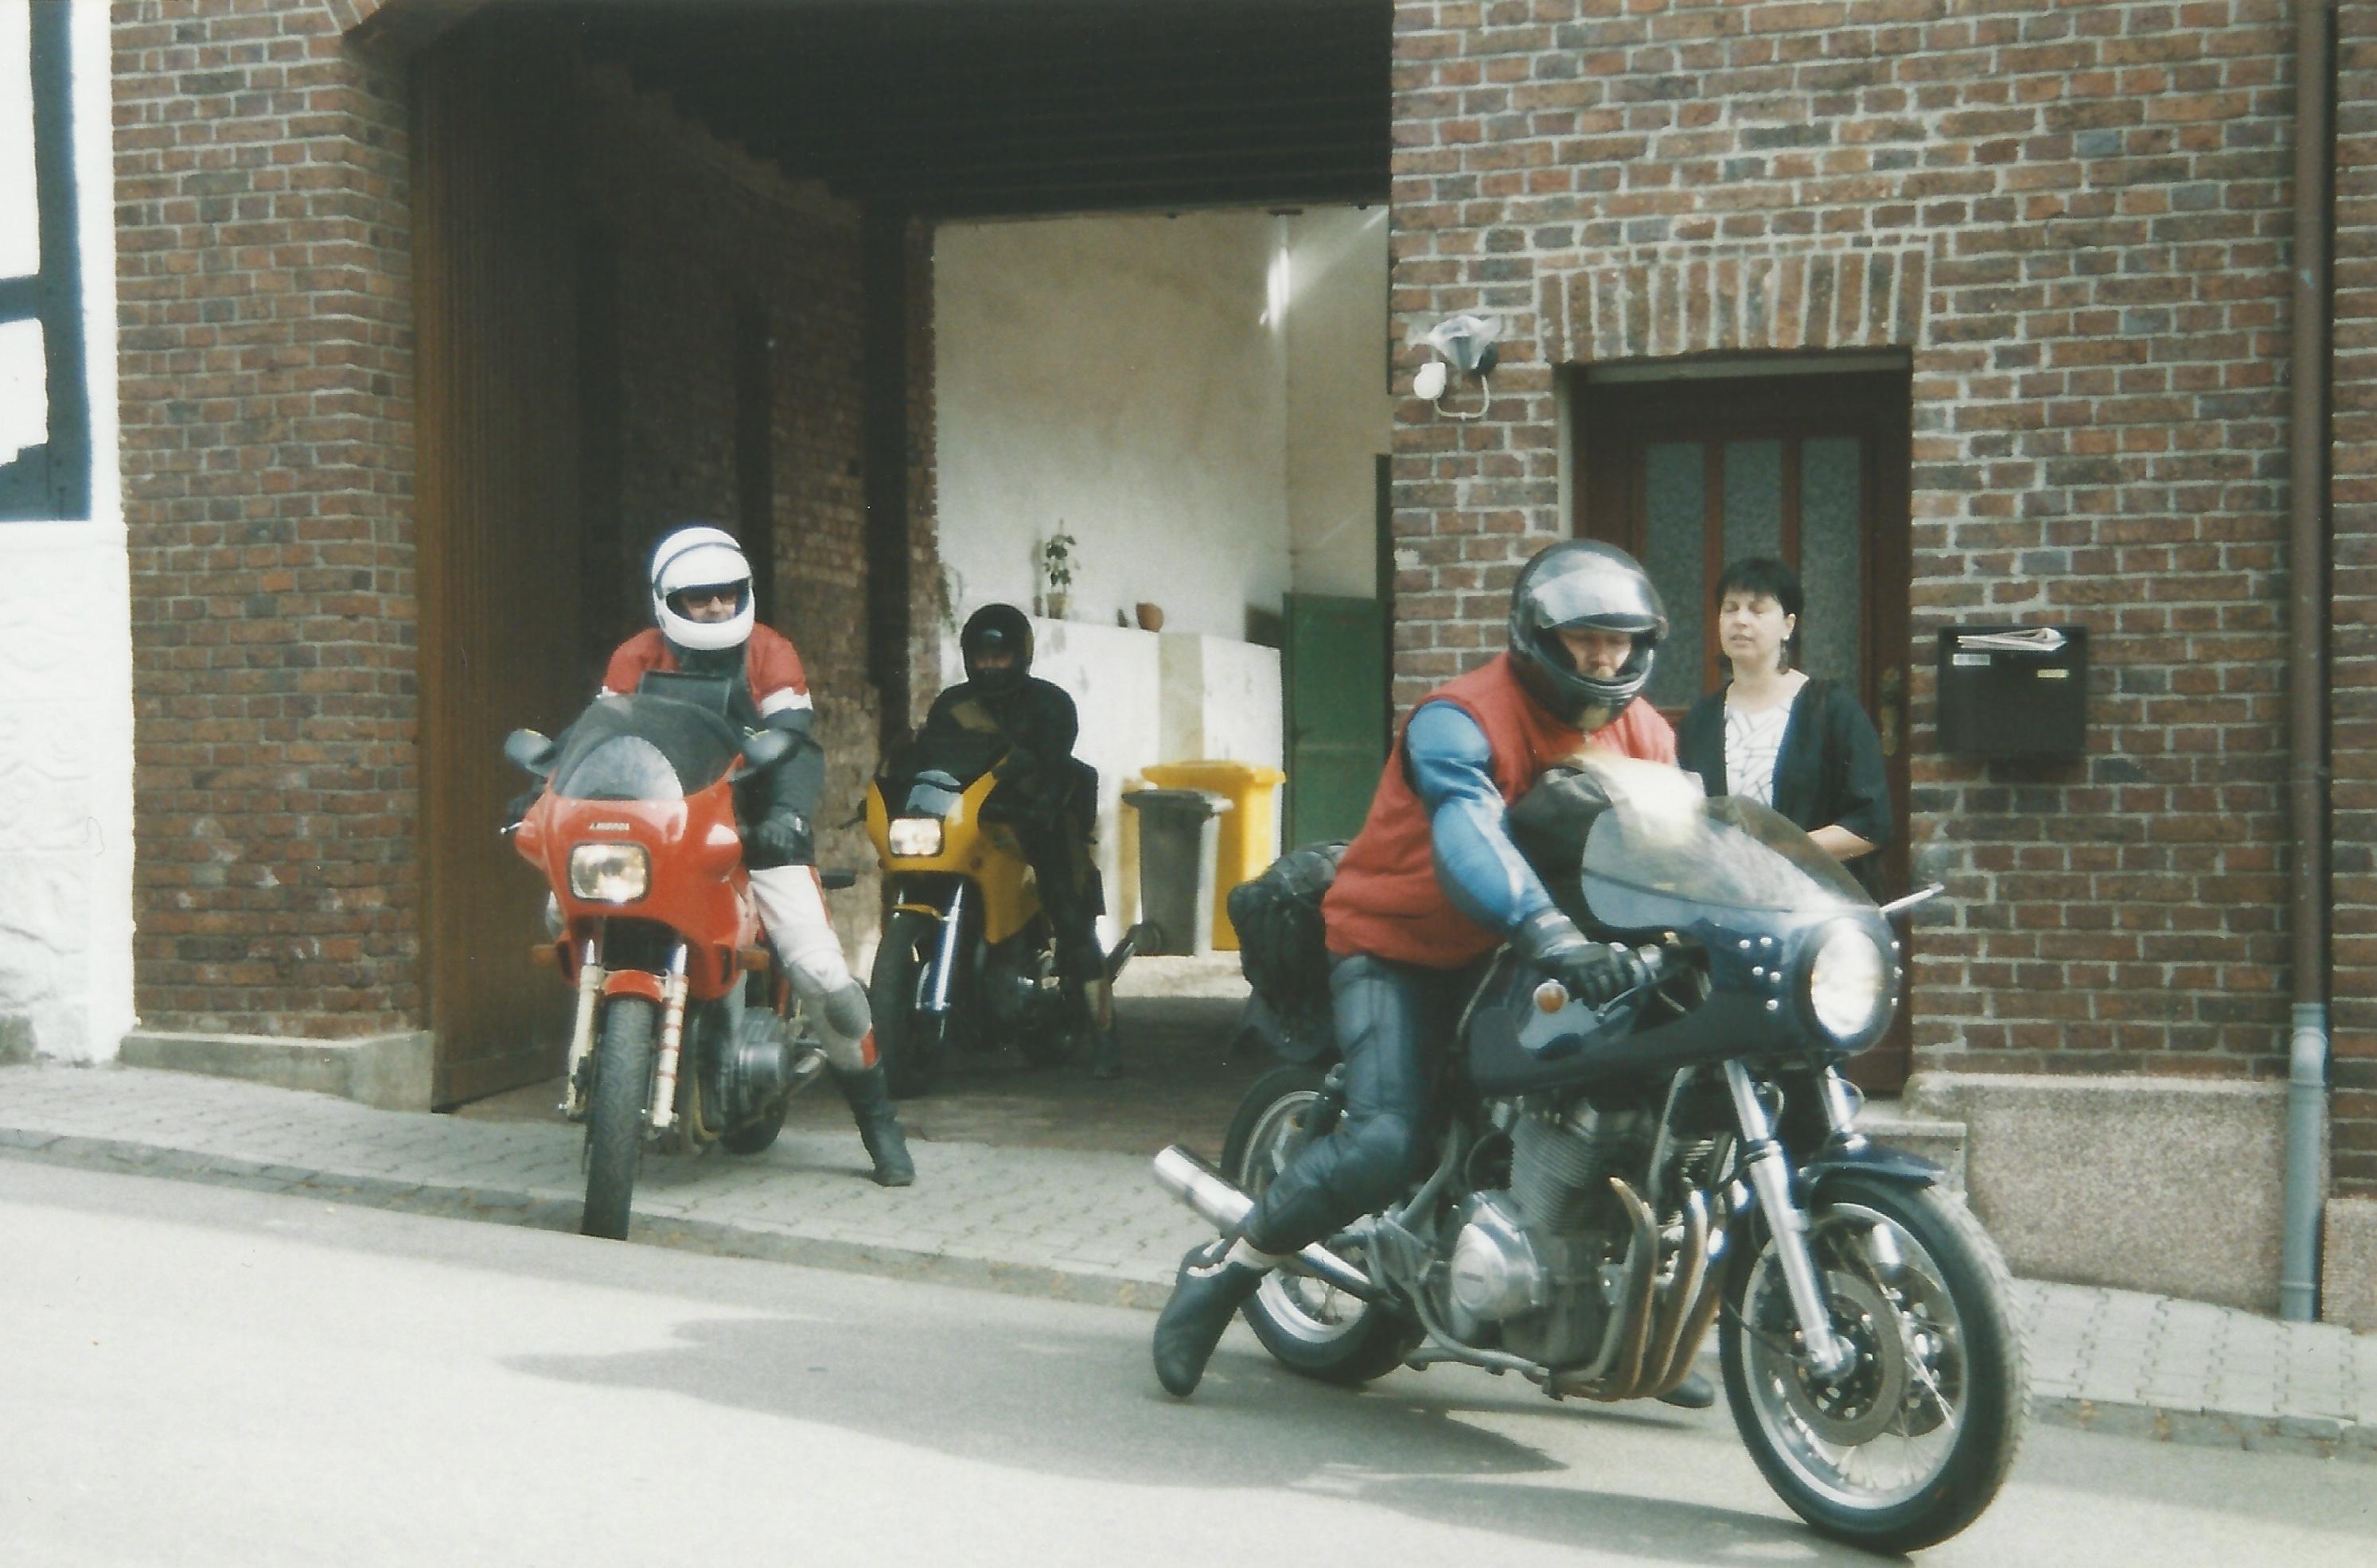 Eine der vielen Abfahrten aus Dom Esch: Roger Viehl (r.) und Peter Piet Herrmann auf der gelben Laverda im Hintergrund. Foto: © Roger Viehl